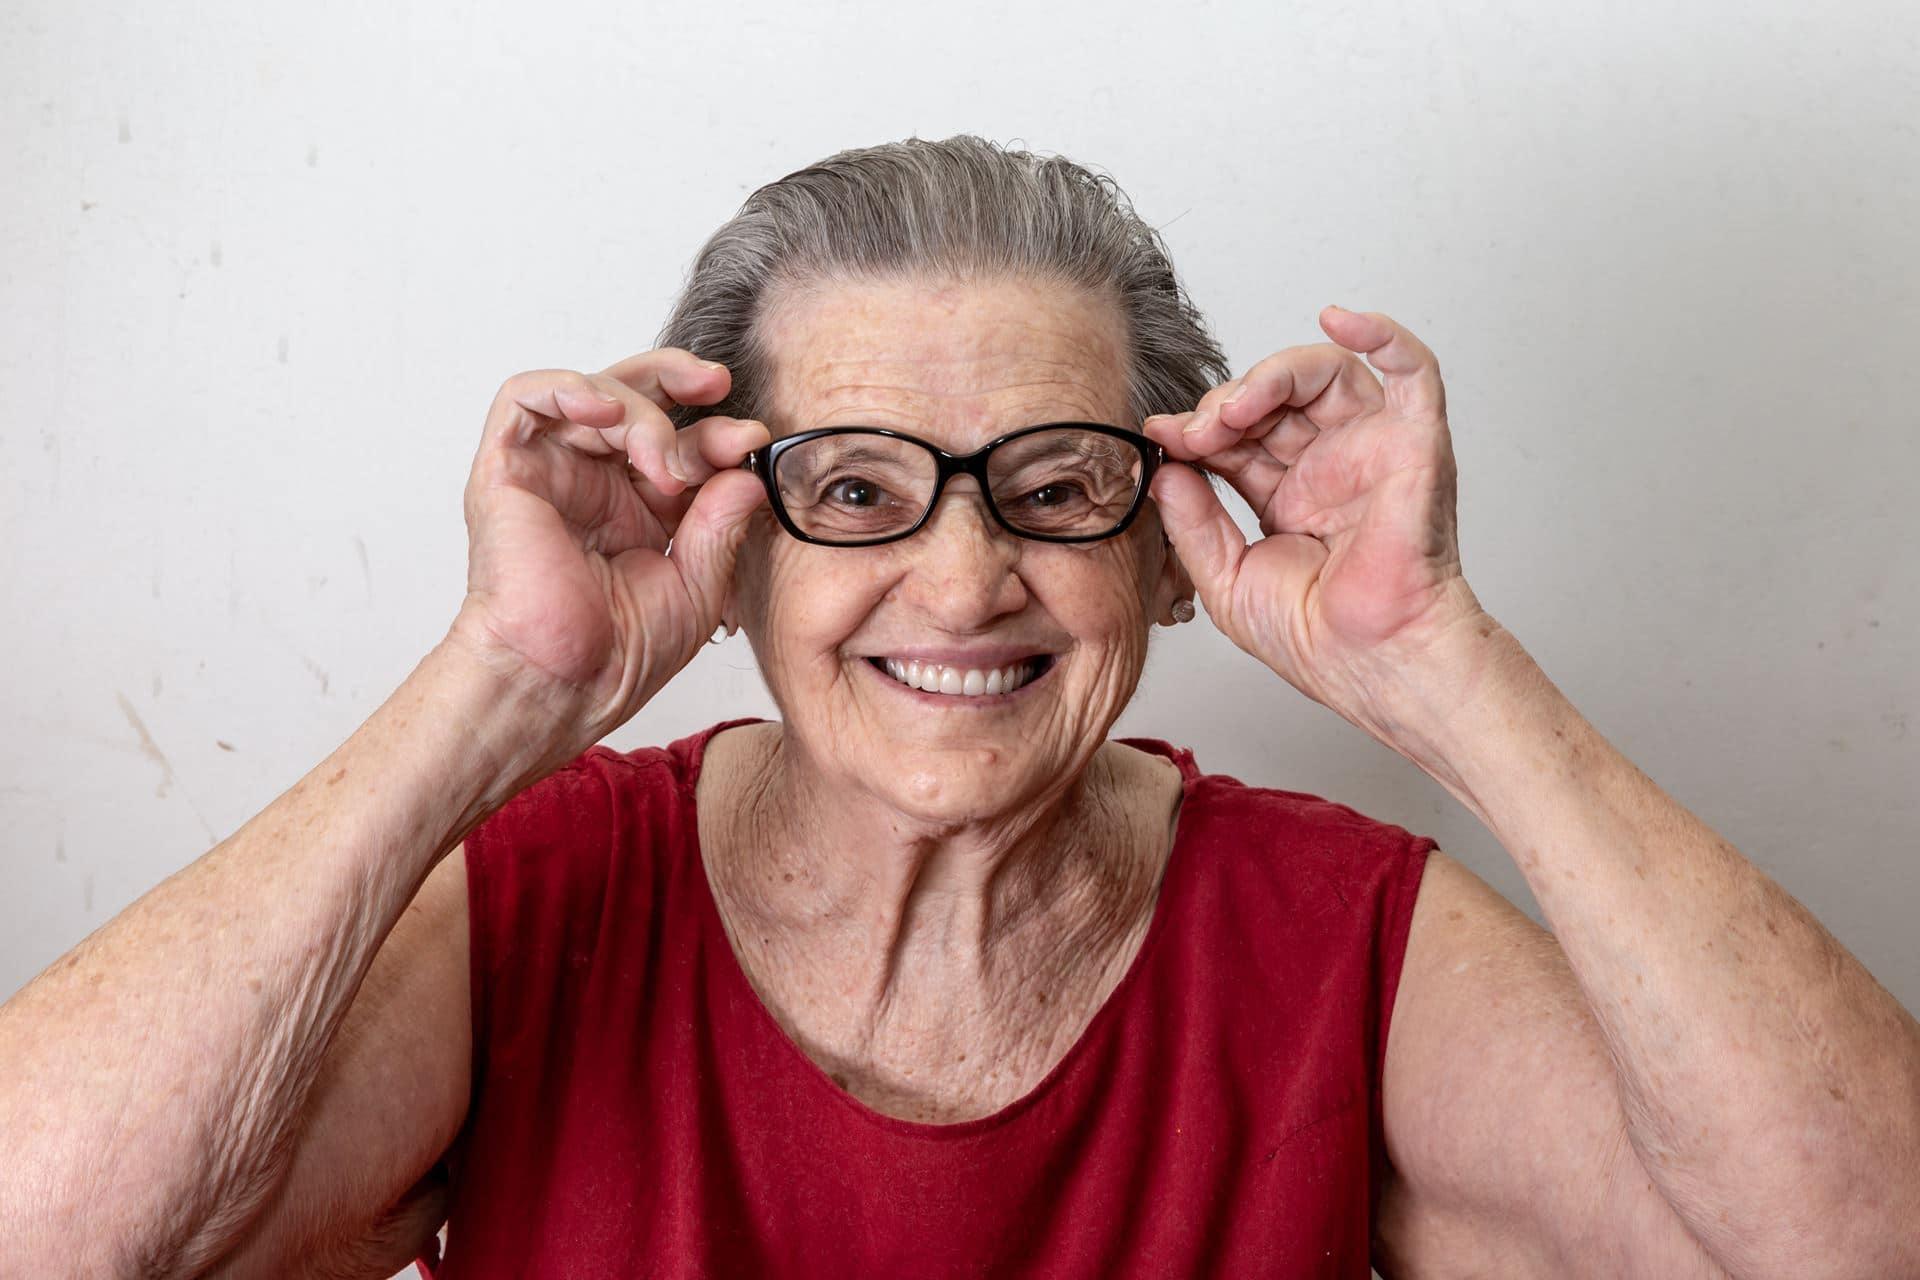 שיקום ראייה לאחר אירוע מוחי - Restart Therapy שיקום פרטי בבית הלקוח